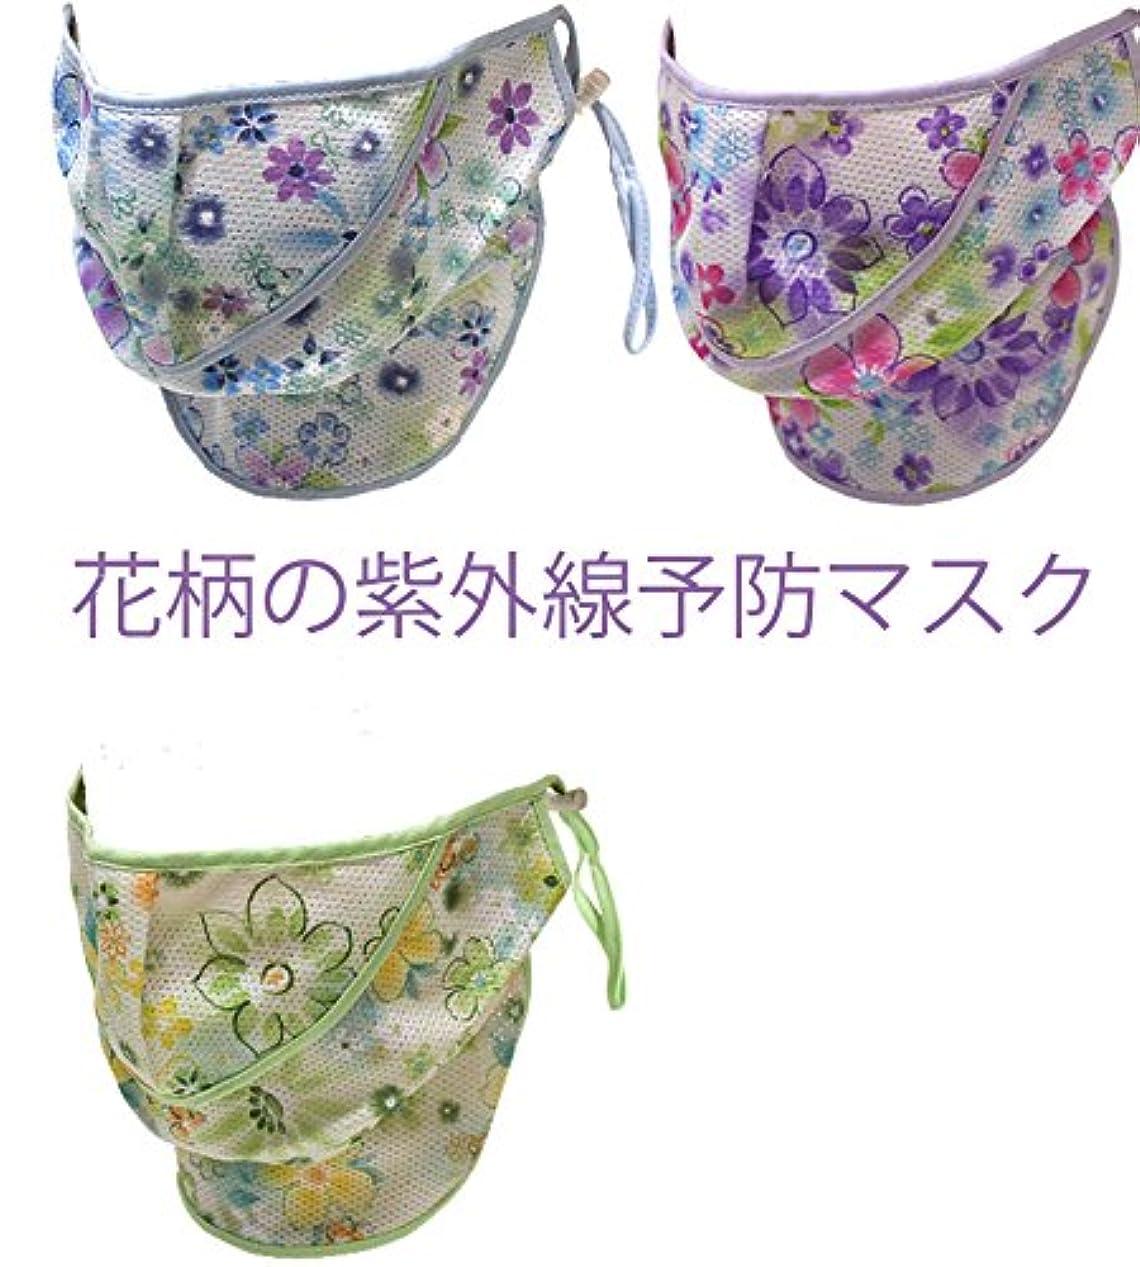 臨検請求書欺uvフェイスマスク,花柄の紫外線予防マスク、、緑色、、信頼できる韓国産